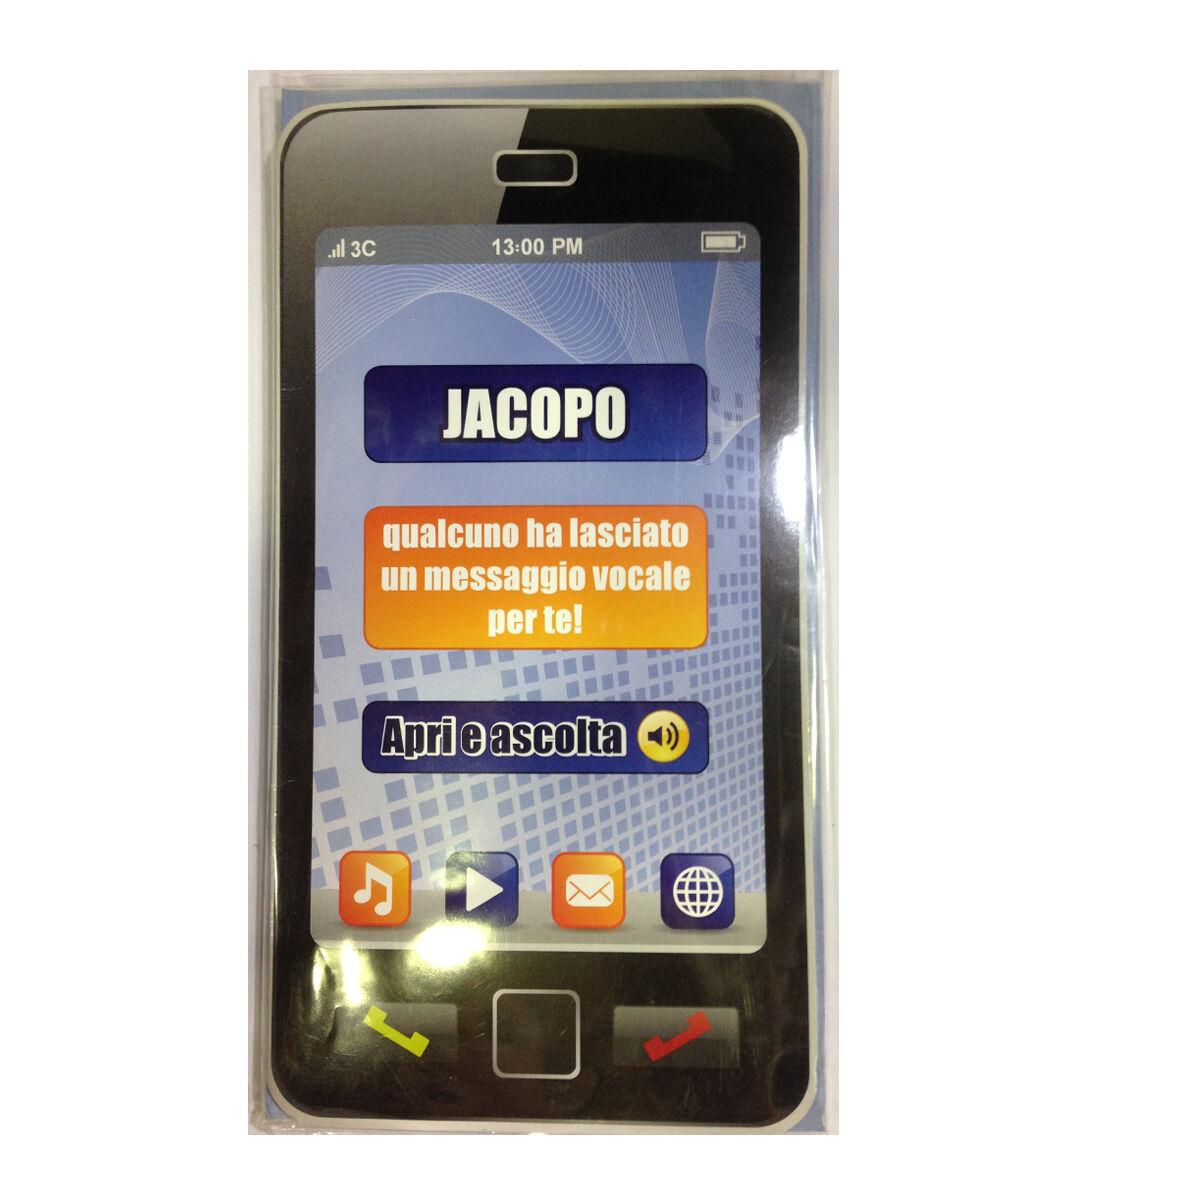 COMPLEANNO biglietto musicale a telefono squilla segreteria nome JACOPO